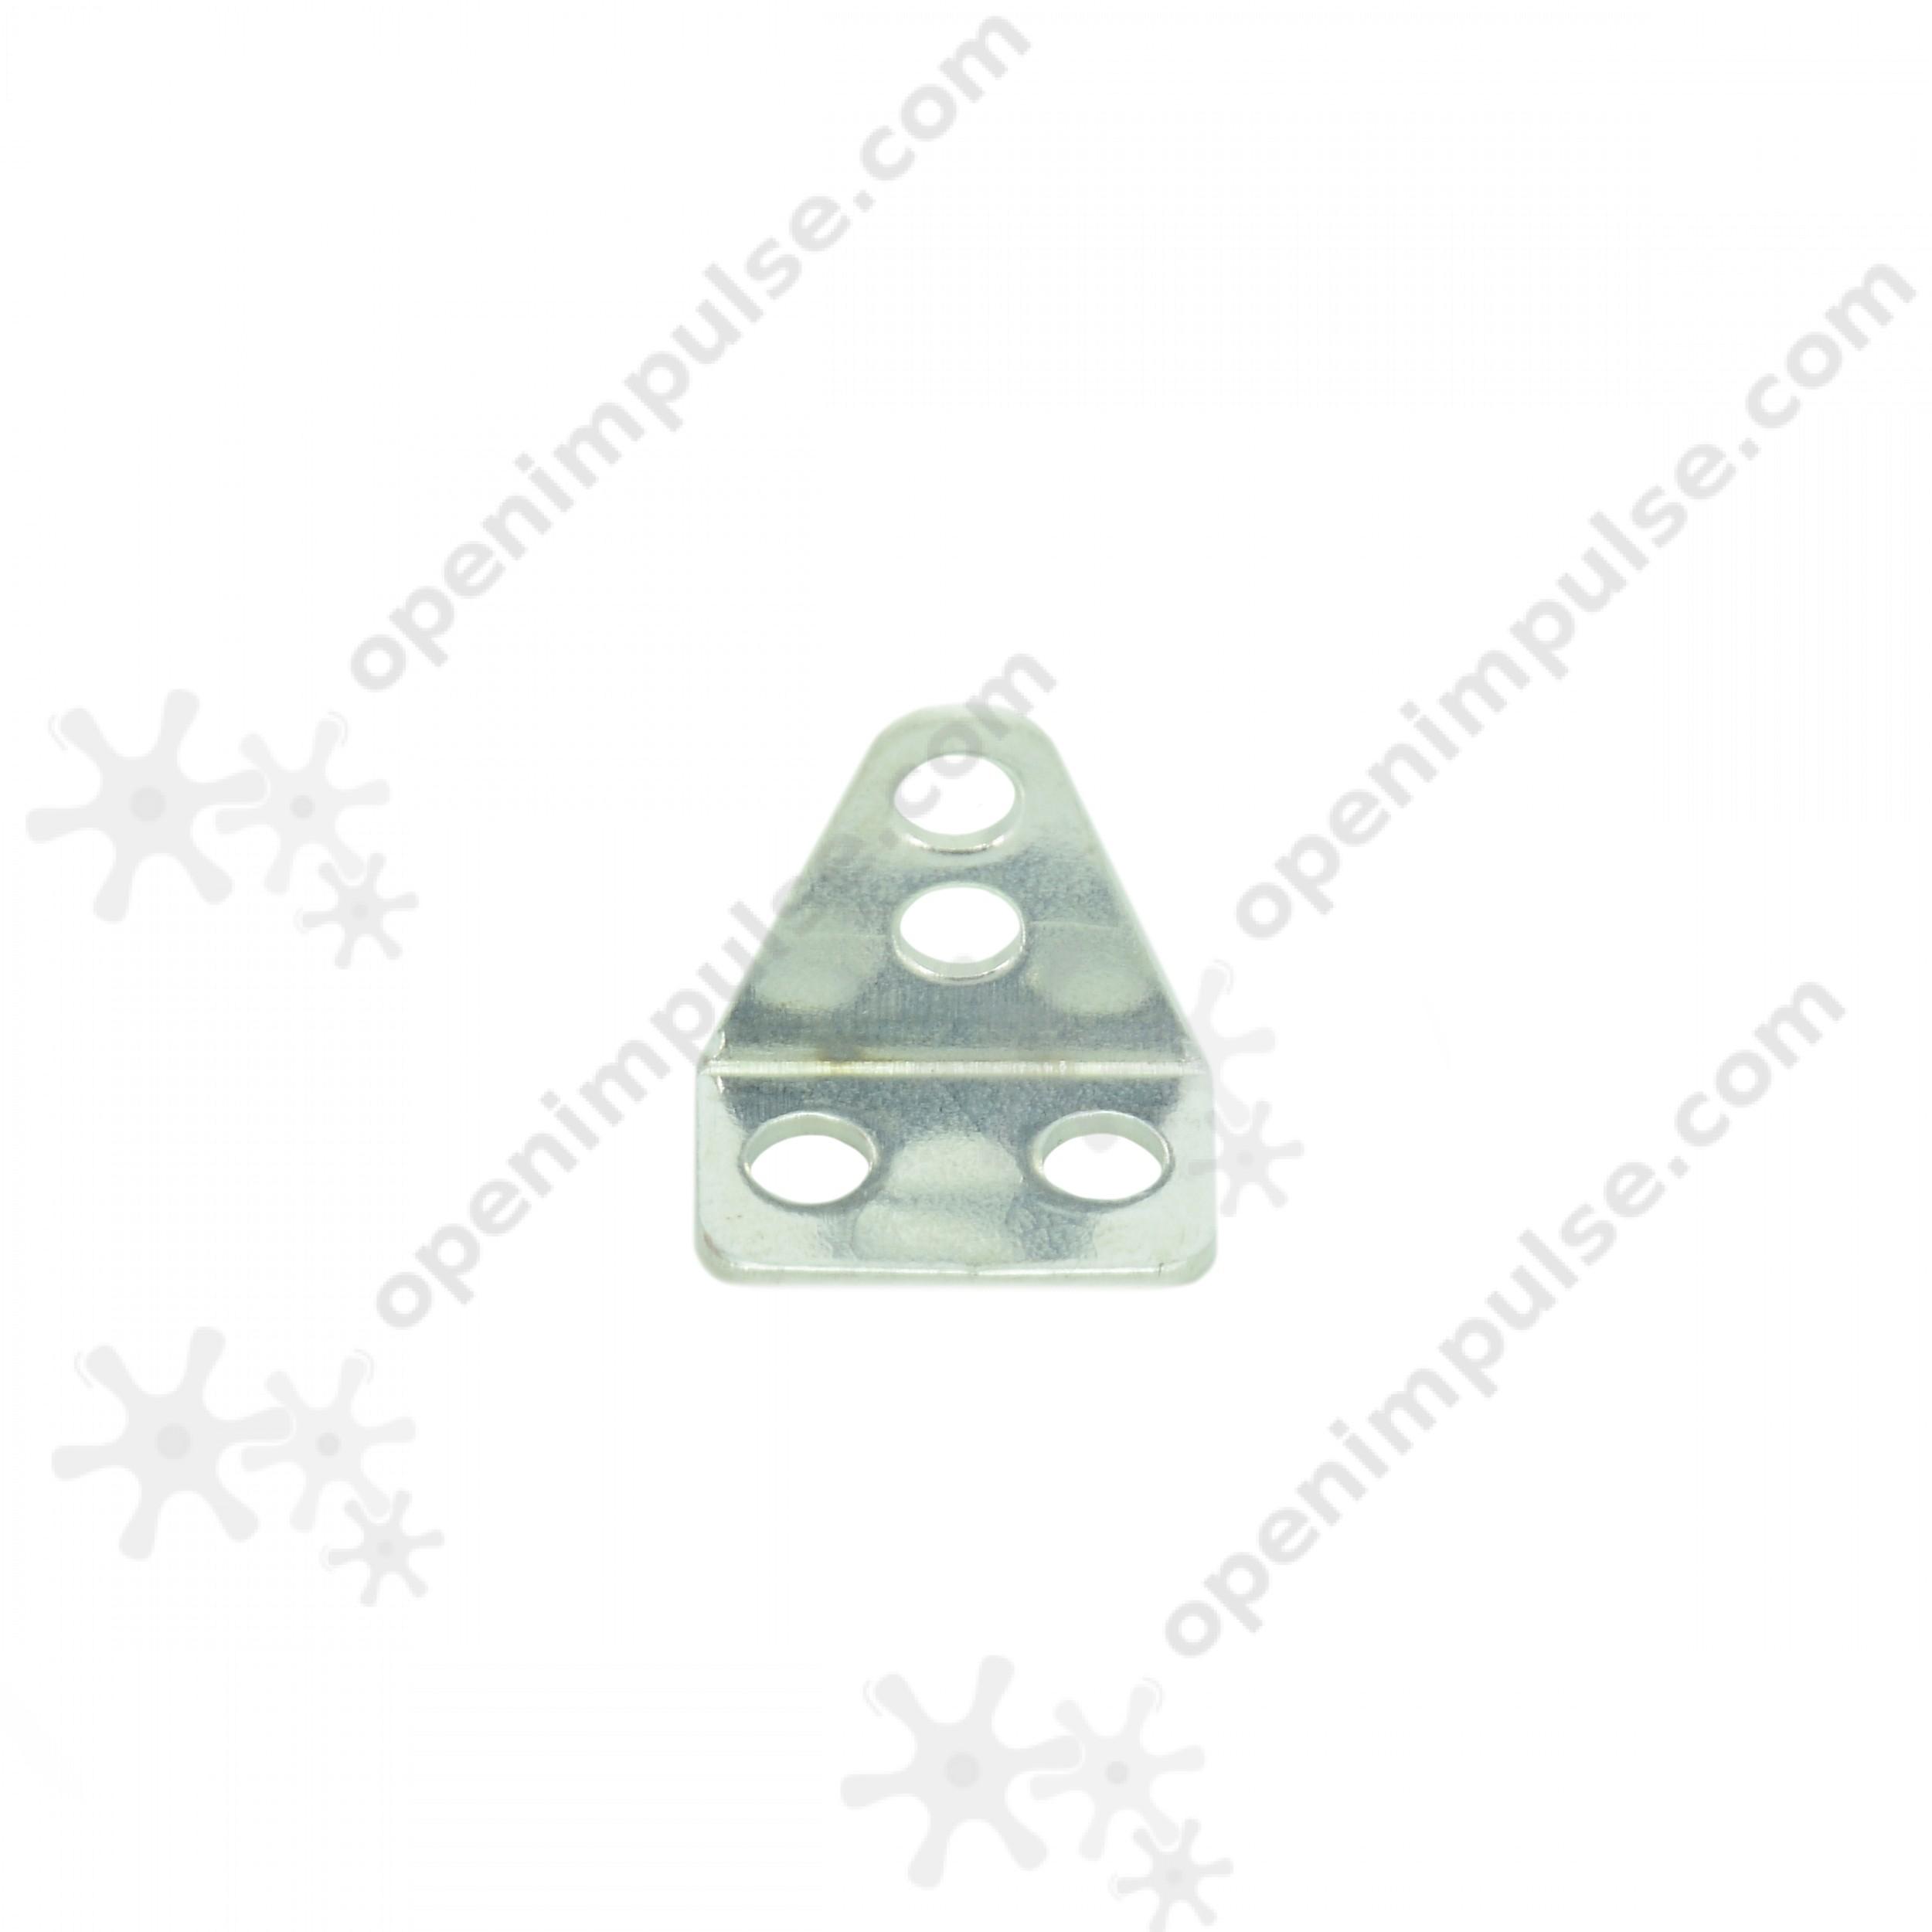 20pcs L-Shaped Triangular Bracket (10mm x 5mm x 9mm) | Open